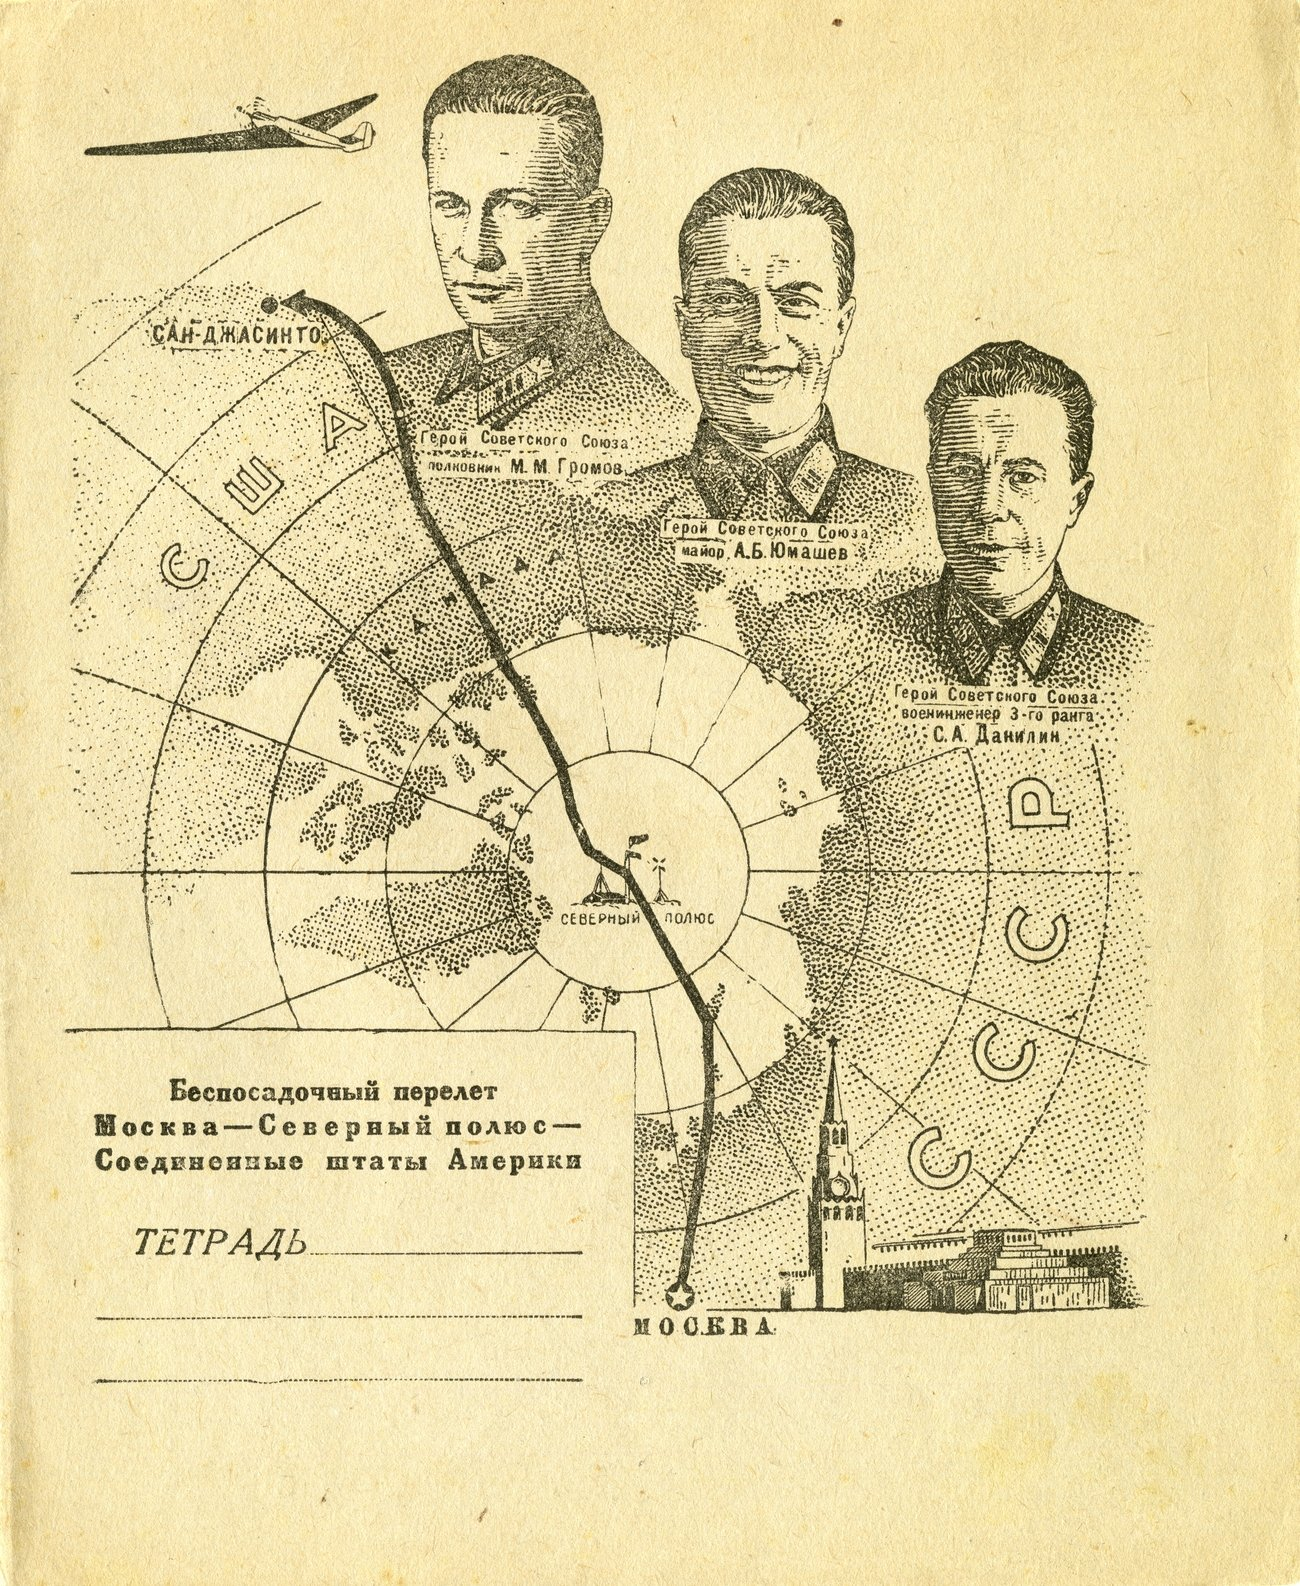 Тетрадь 1937 3